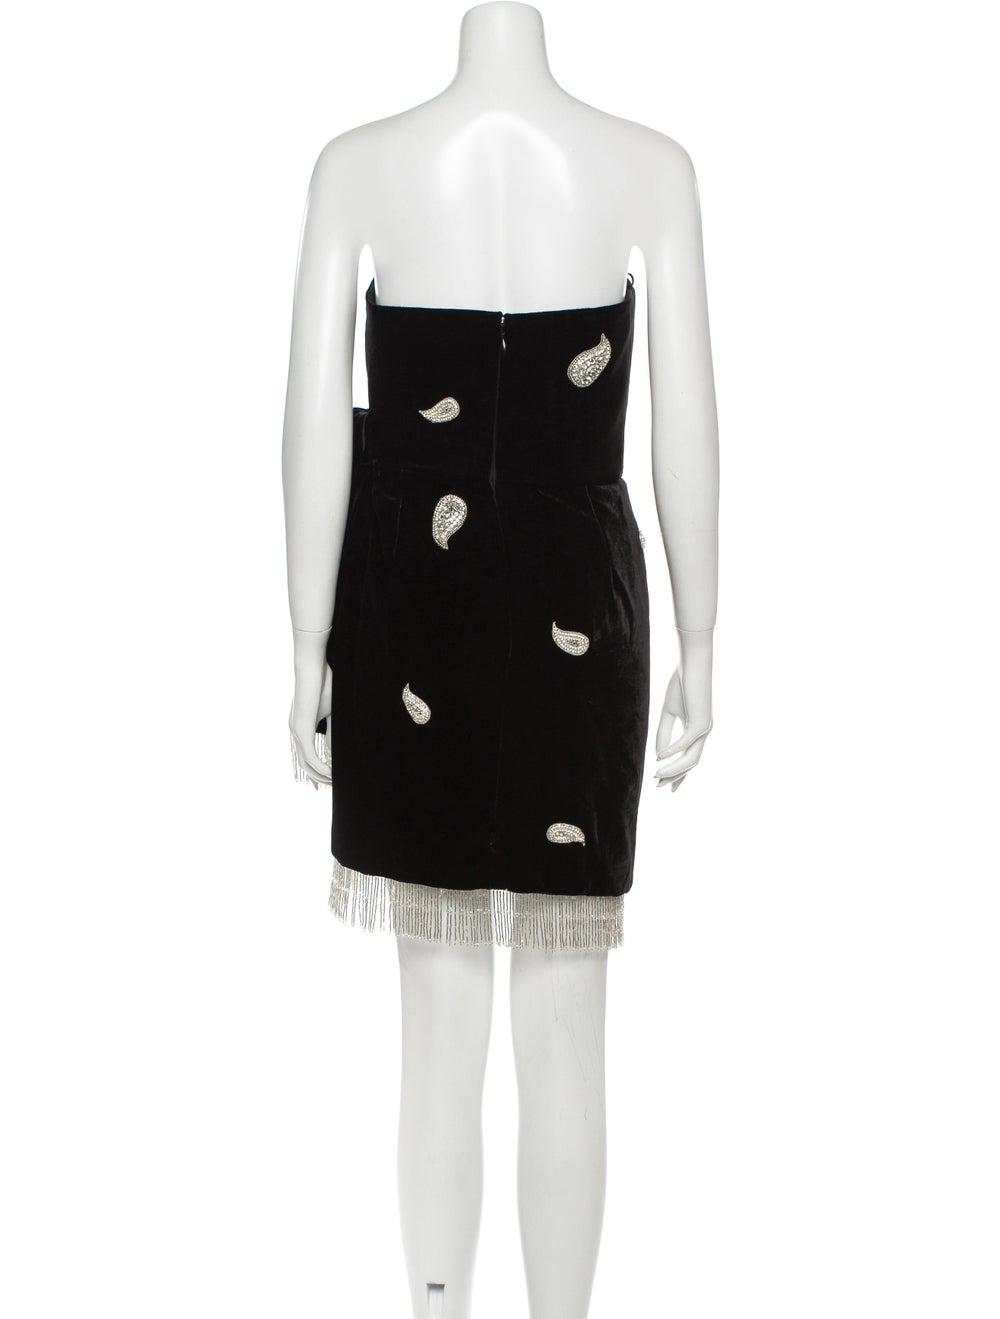 Dundas Paisley Print Mini Dress Black - image 3